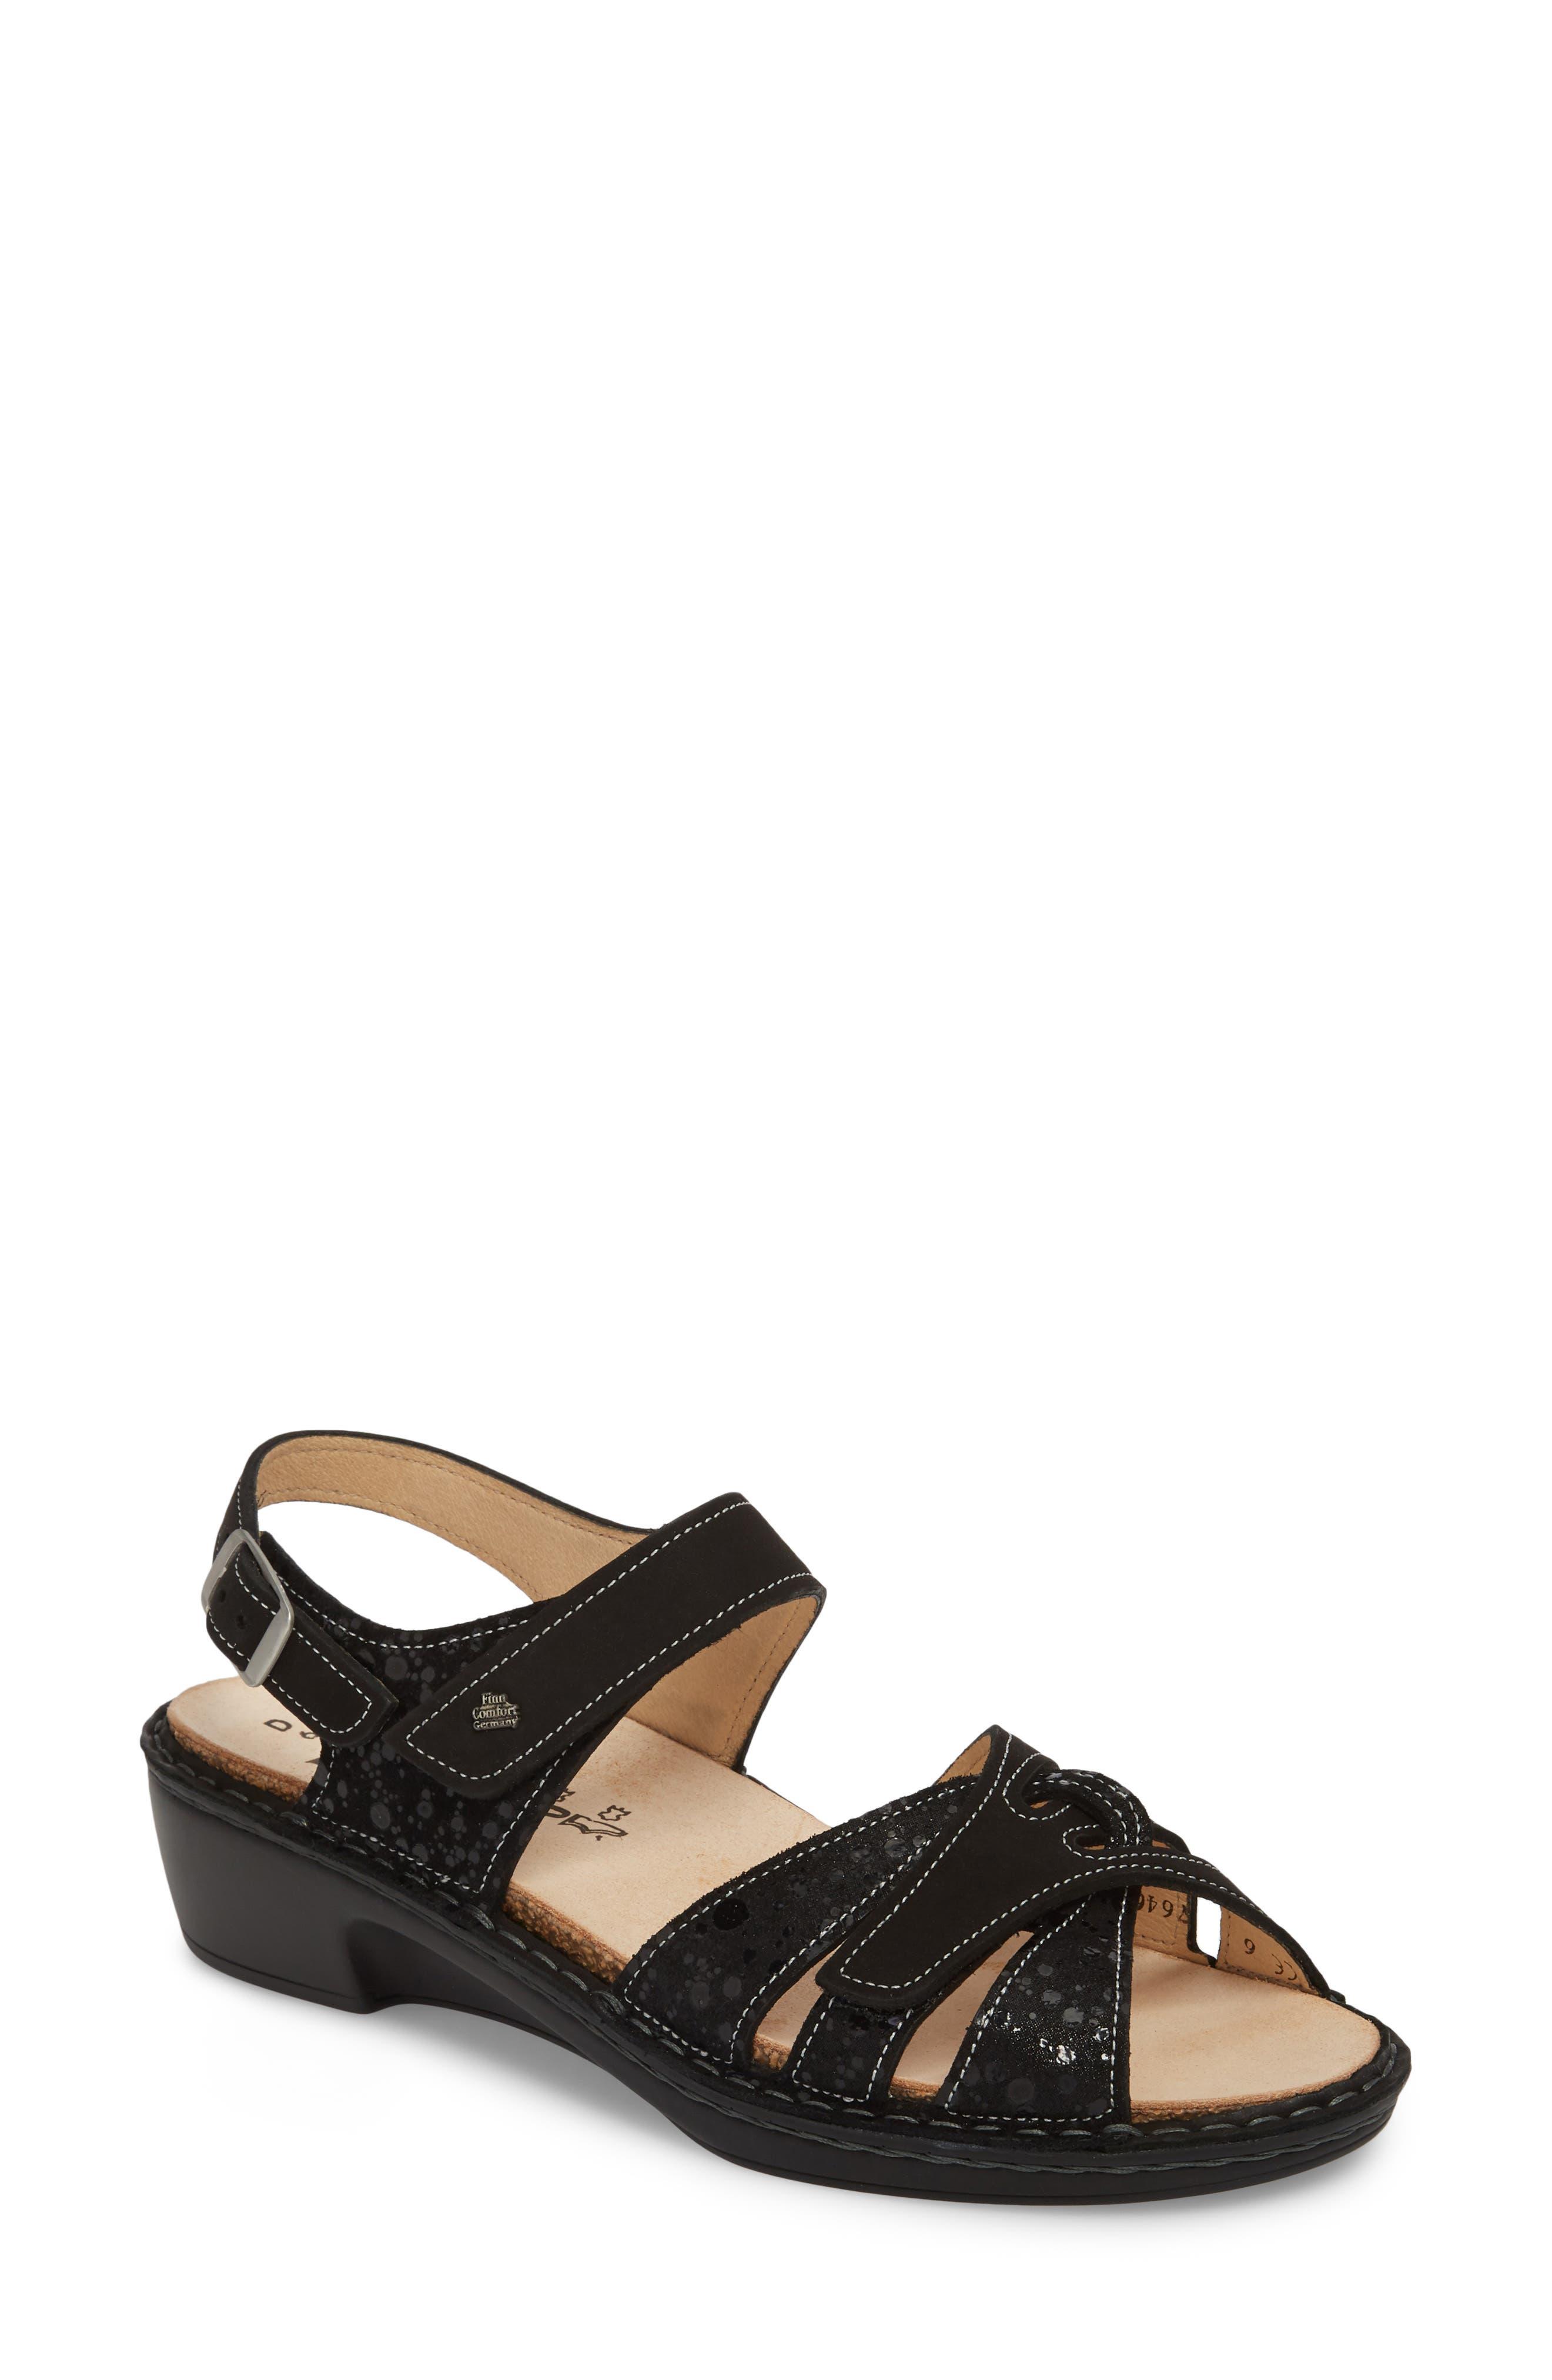 FINN COMFORT Buka Sandal, Main, color, 001